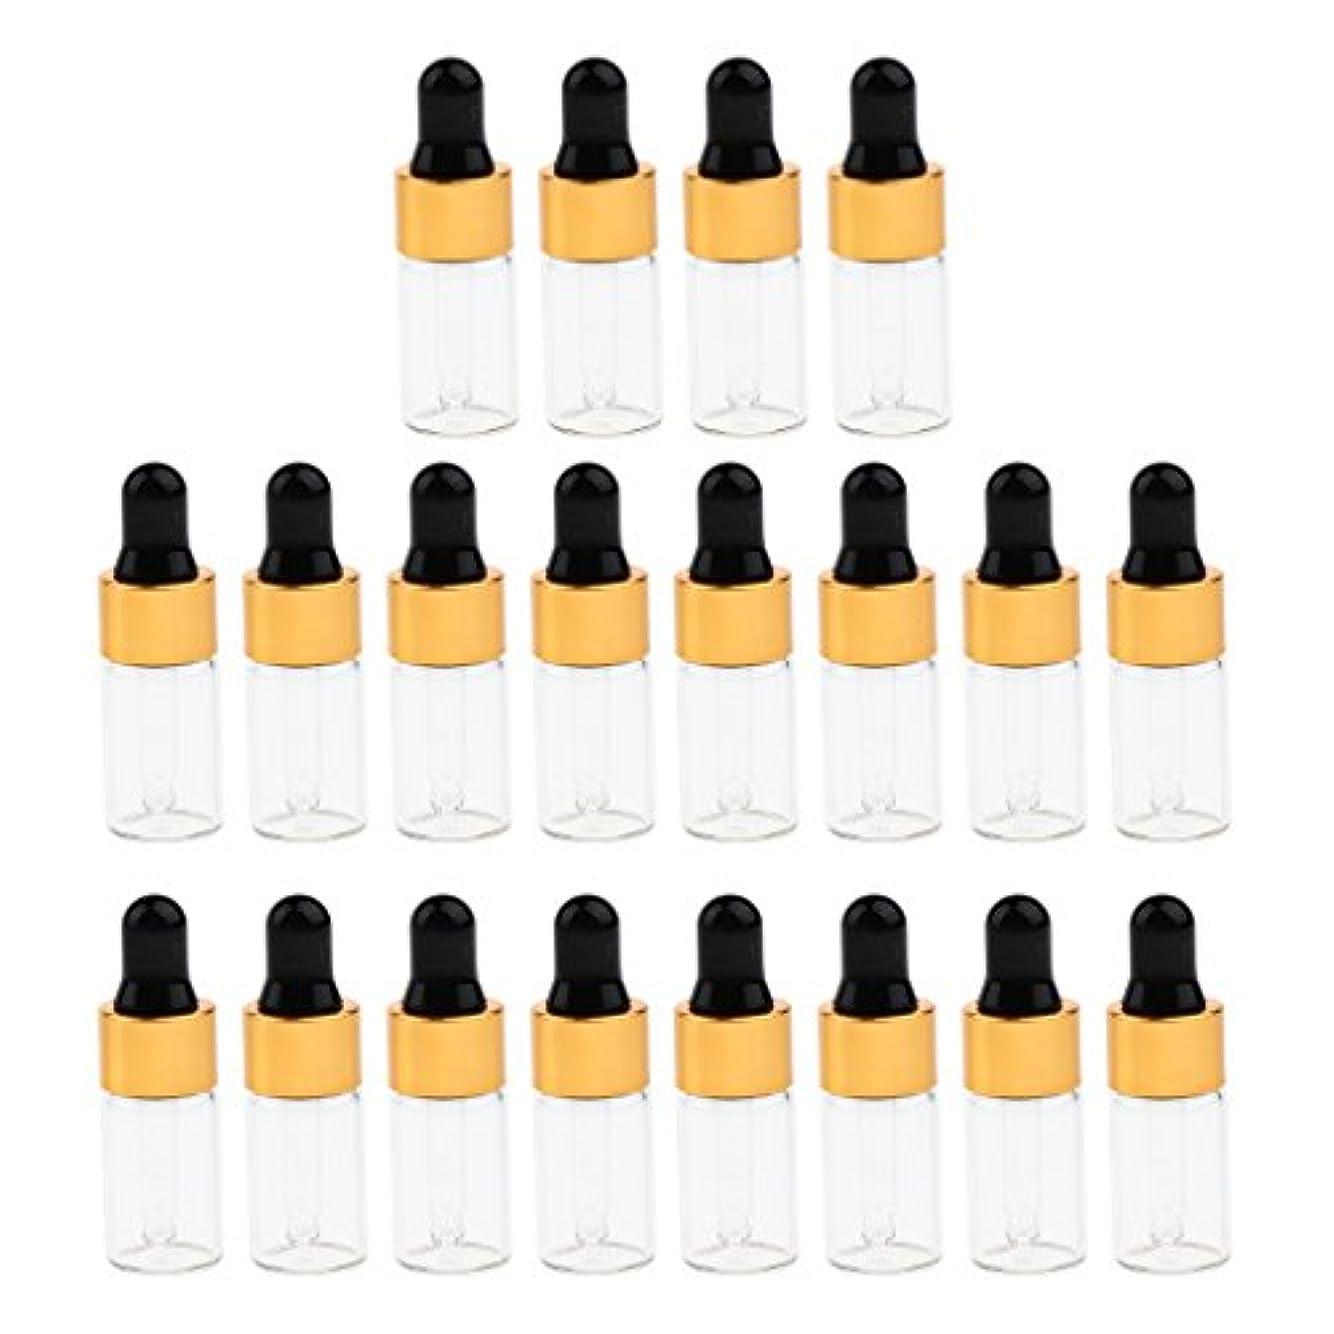 性的性的定義CUTICATE エッセンシャルオイル コスメ 詰替え容器 サンプルボトル ドロッパーピペットボトル 3サイズ選べ - 3 ミリリットル